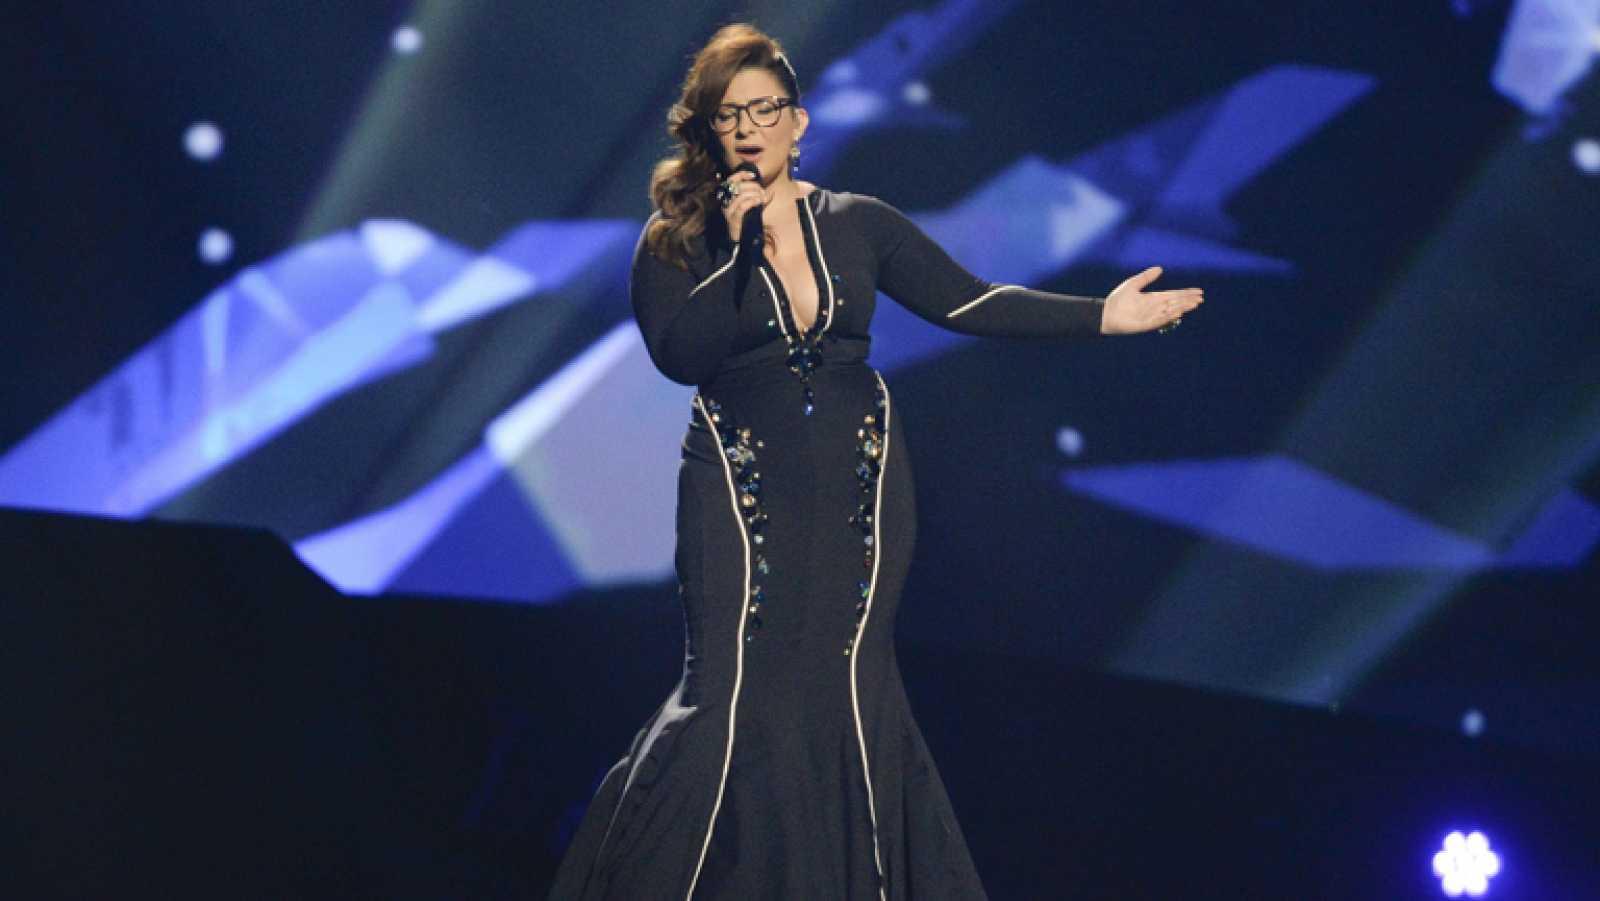 Segunda semifinal Eurovisión 2013 - Israel